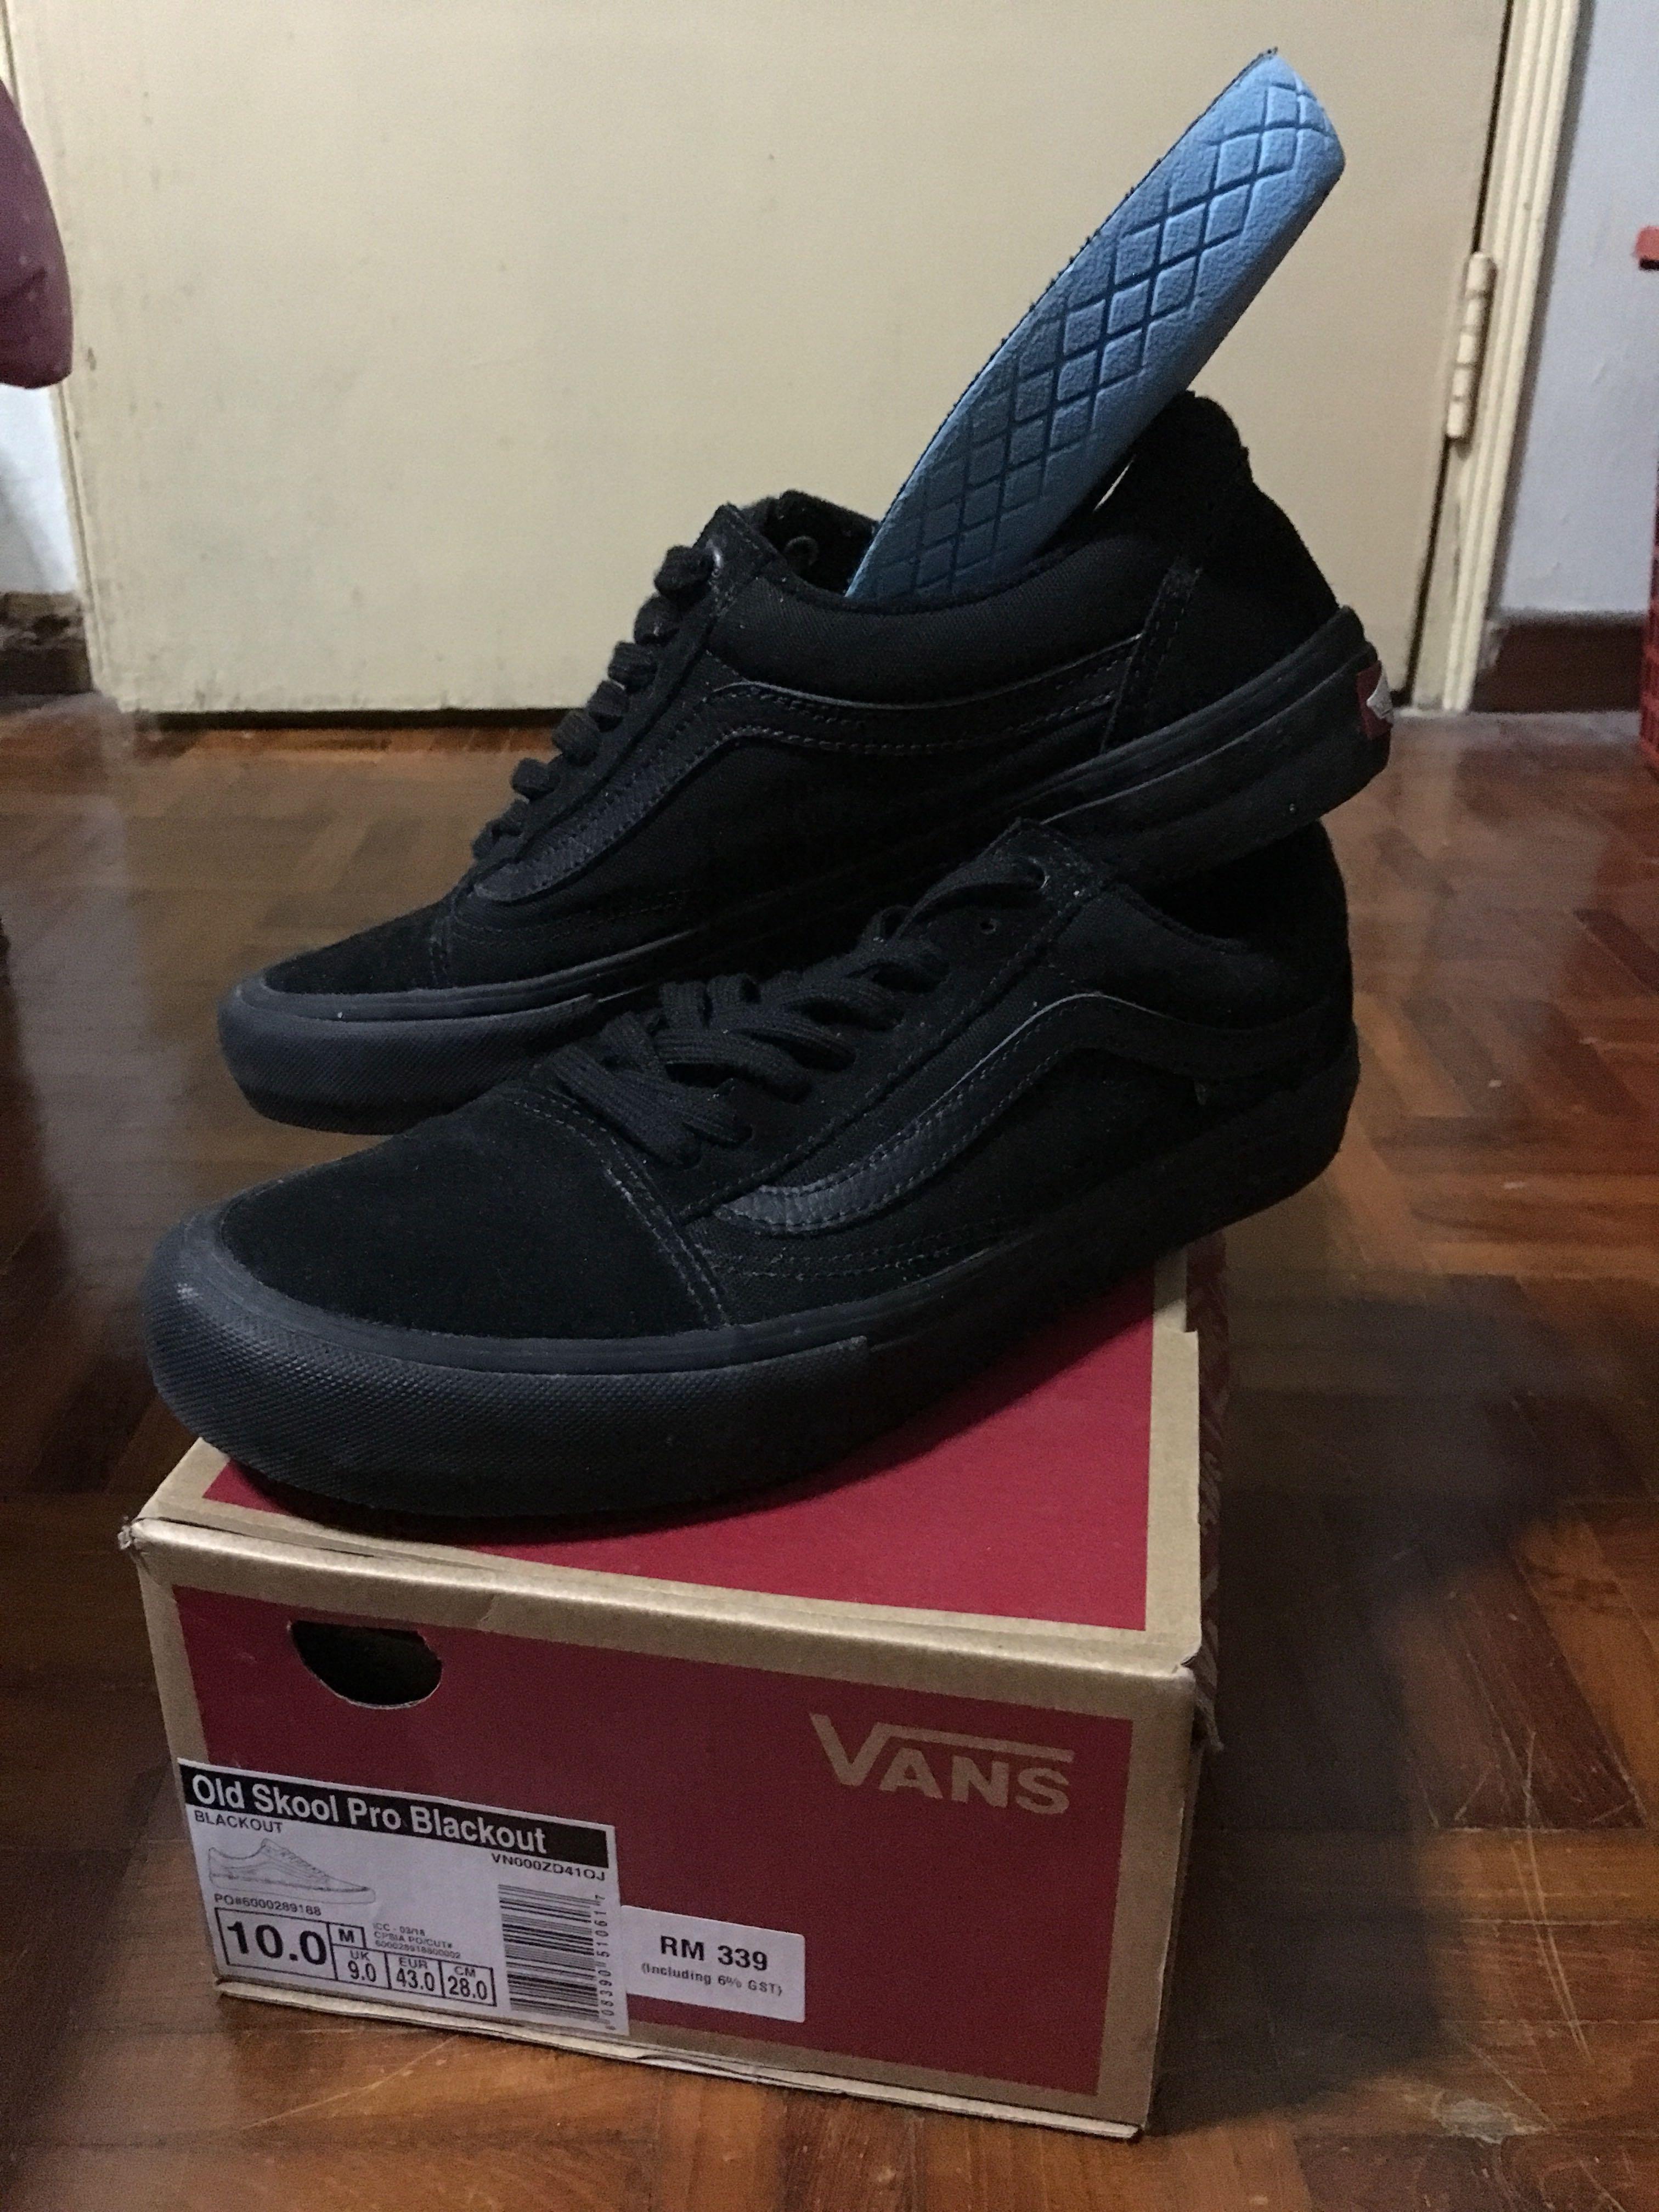 0688a1ce01 Vans Old Skool Pro Blackout